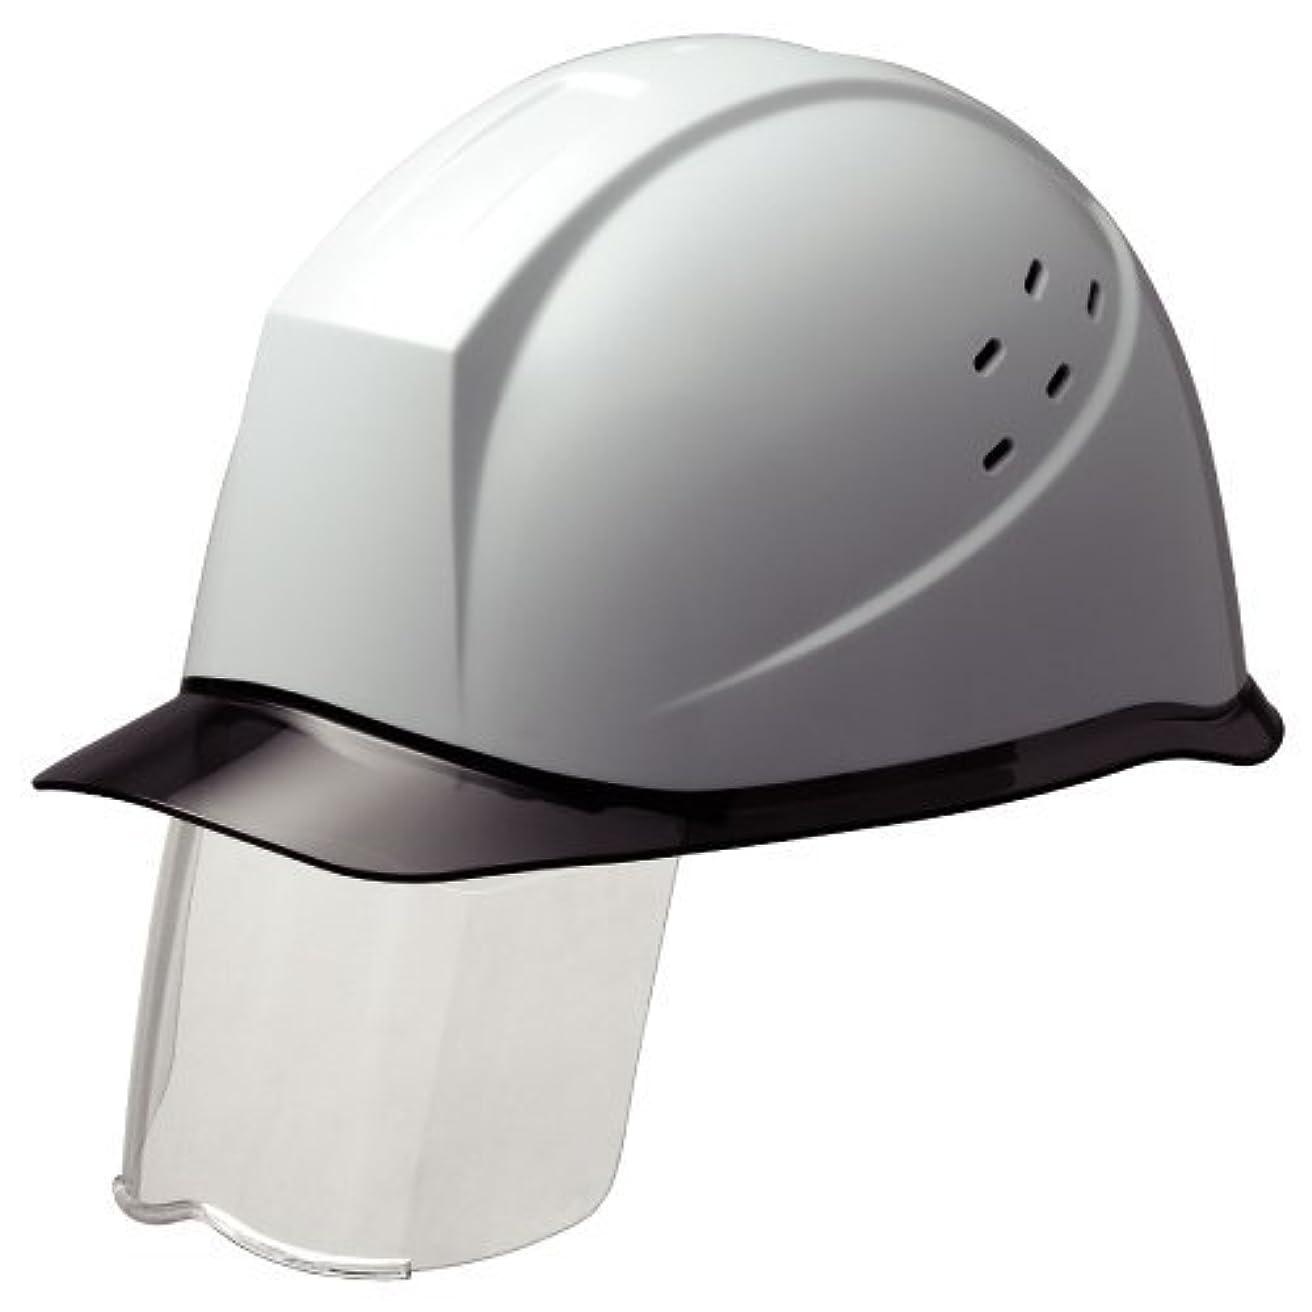 我慢するわずかにクリーナーミドリ安全 スライダー面付 ヘルメット 通気孔付 SC12PCLVS RA KP付 ホワイト/スモーク